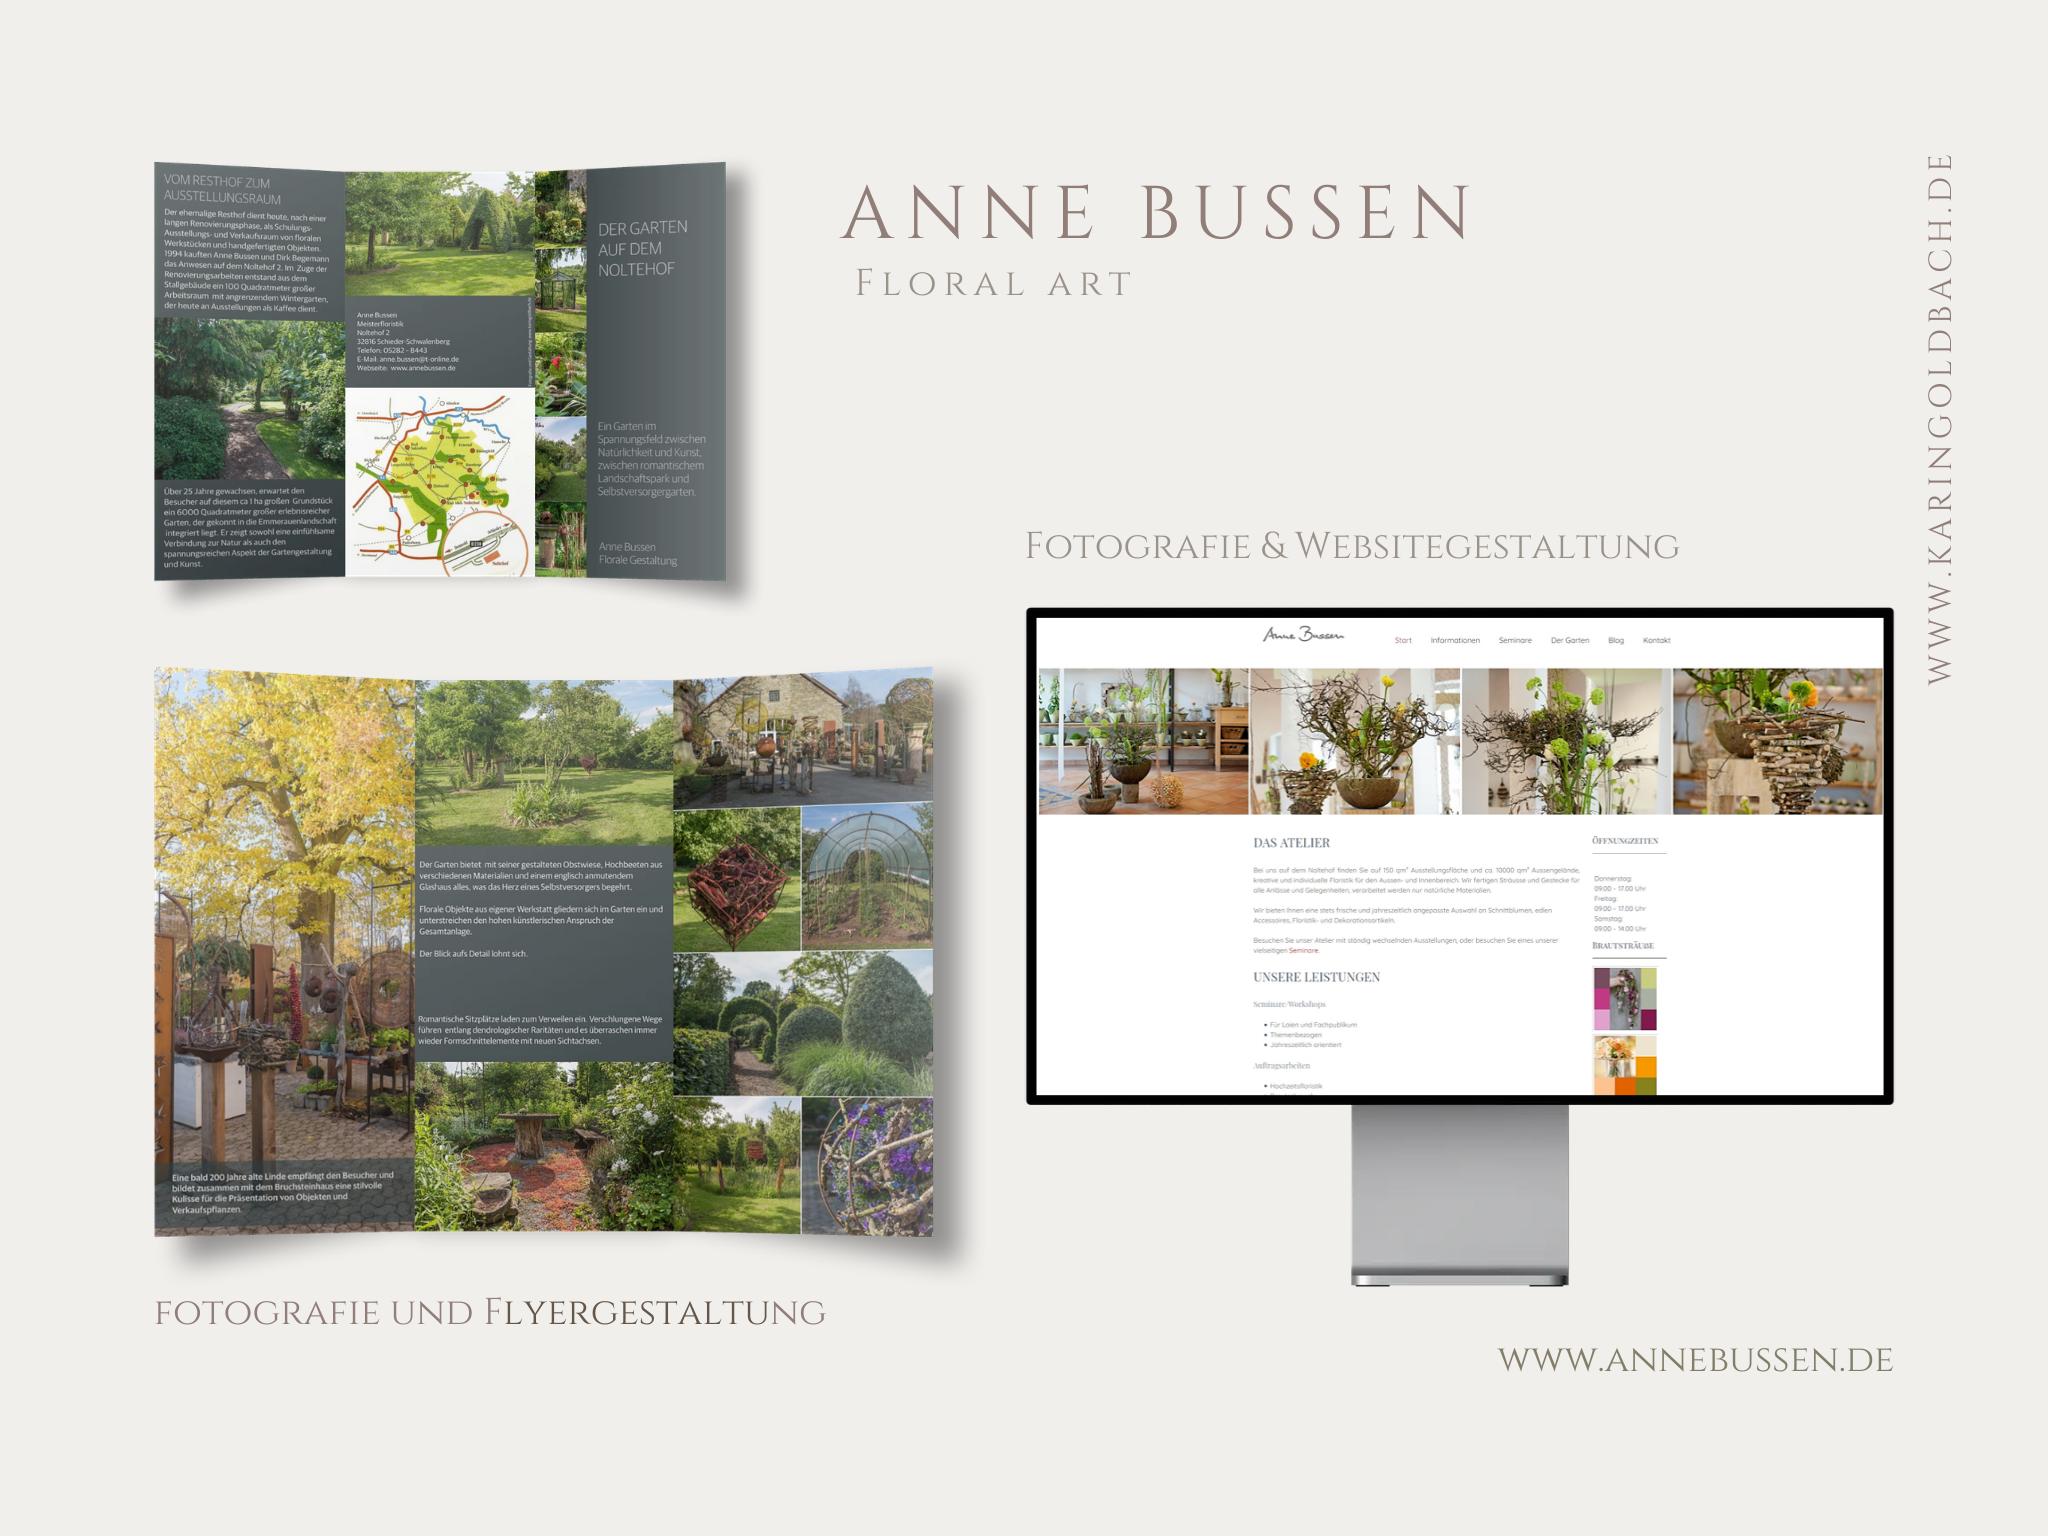 Anne Bussen